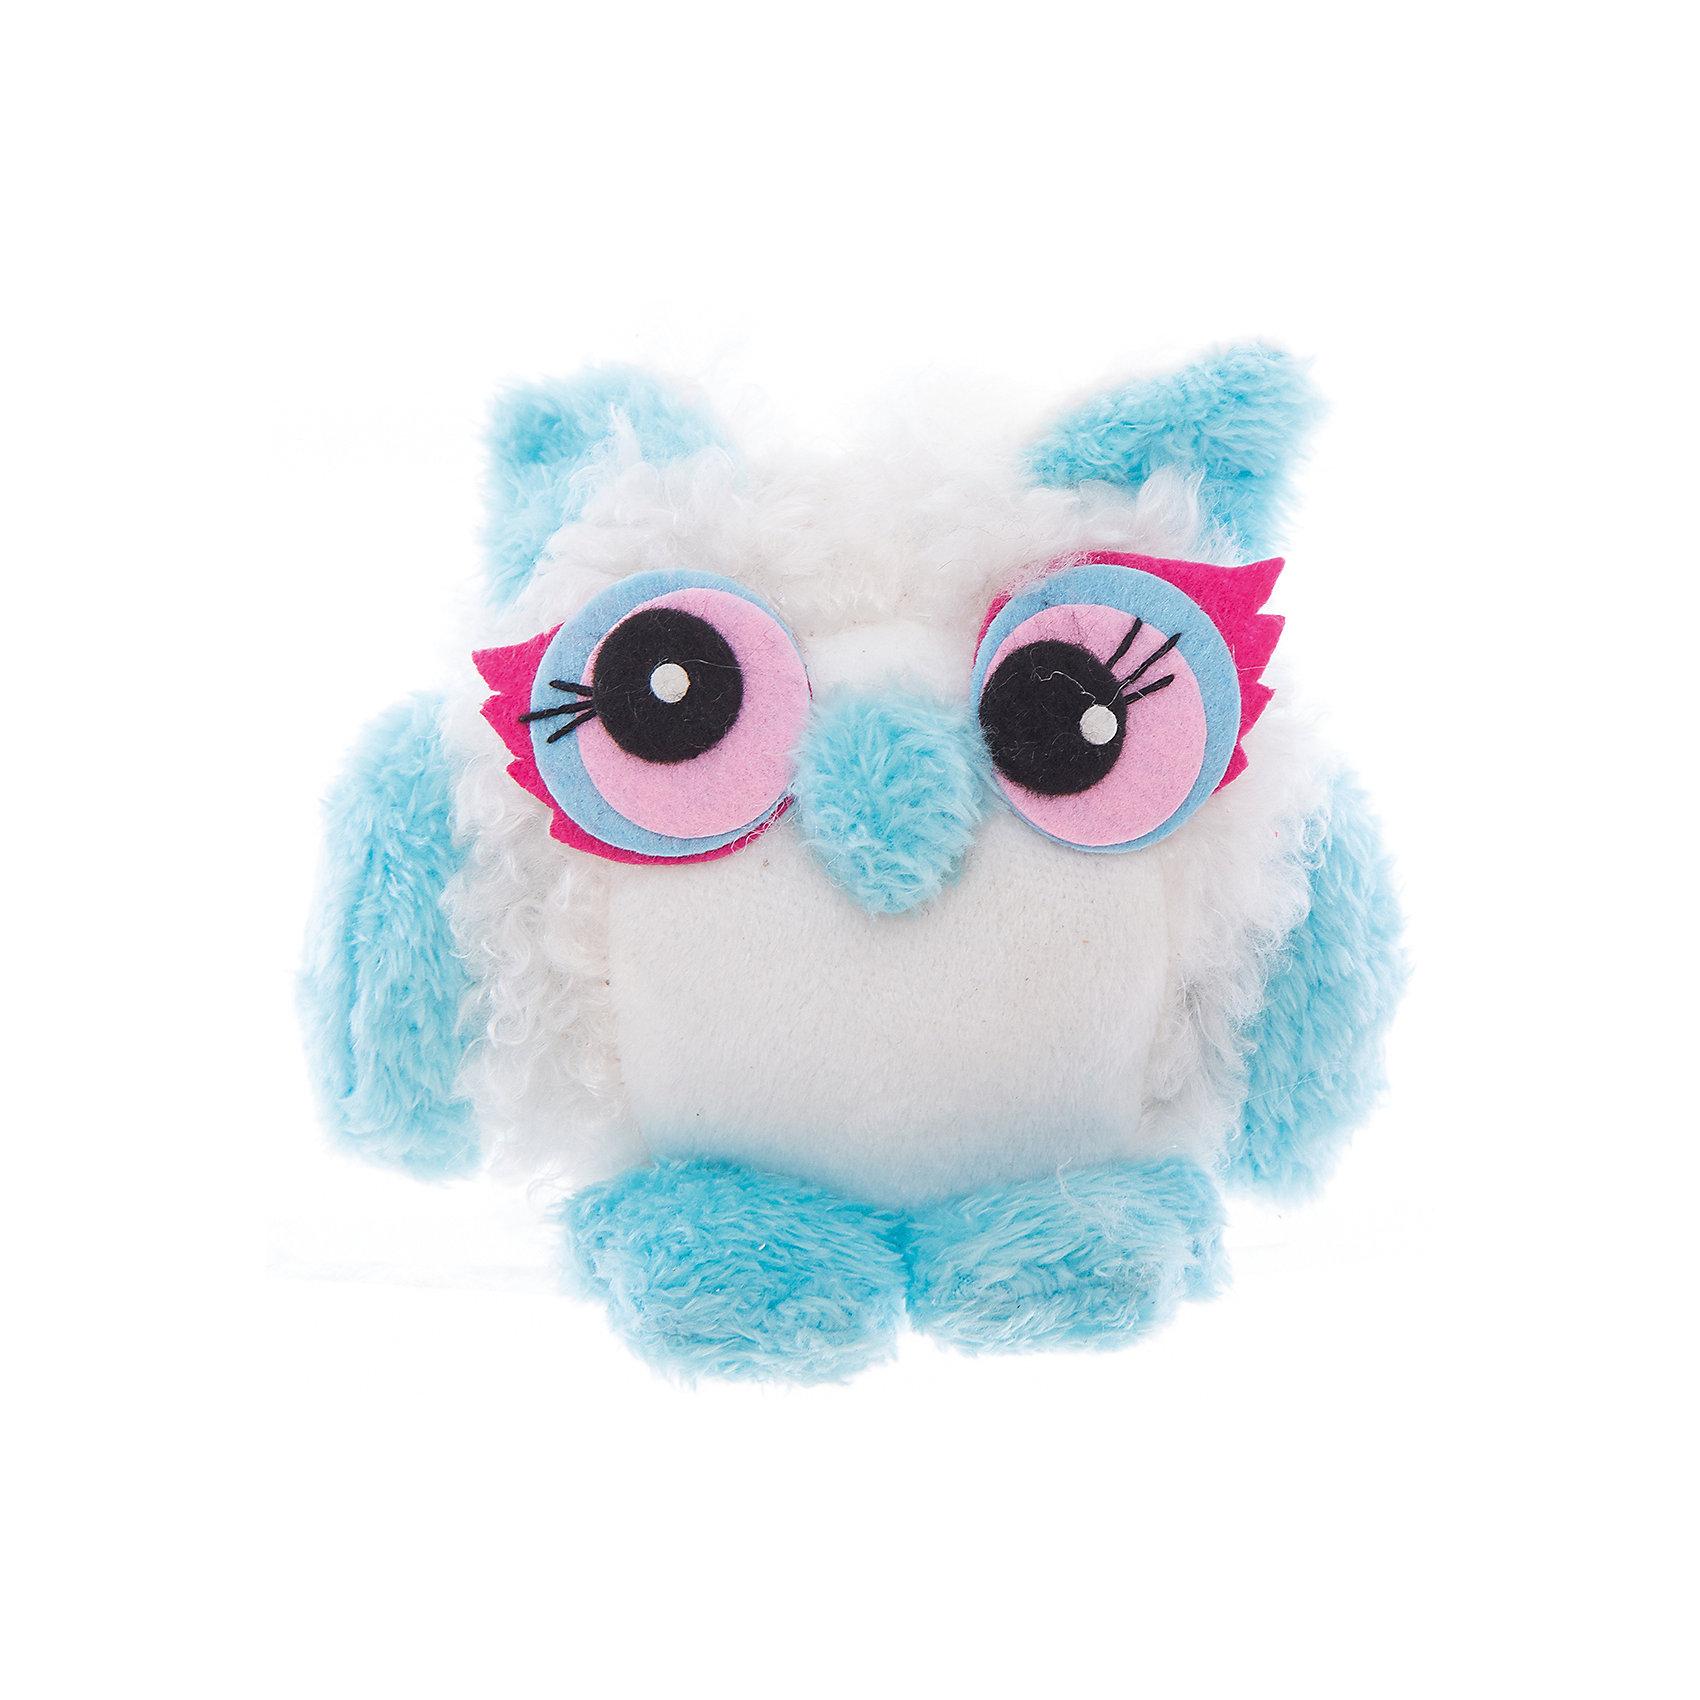 Интерьерная кукла Совушка C21-066009, EstroПредметы интерьера<br>Характеристики интерьерной куклы:<br><br>- размеры: 25*12*8 см. <br>- тип игрушки: животные, мягкая игрушка<br>- персонаж: сова<br>- вид упаковки: коробка<br>- возрастные ограничения: 3+<br>- комплектация: игрушка <br>- состав: полиэстер, полиэфир<br>- материал изготовления: высококачественный пластик, полиэстер, ткань<br>- стиль: классический, прованс<br>- бренд: Estro <br>- страна бренда: Италия<br>- страна производитель: Китай<br><br>Голубой совенок торговой марки Estro будет отличным спутником для любителя мягких игрушек. Игрушка изготовлена из качественных материалов приятной расцветки. Ее внешний вид продуман до мелочей, учитывая все нюансы. Совенок окрашен в голубой, серый цвет. <br><br>Интерьерную куклу сова итальянской торговой марки Estro можно купить в нашем интернет-магазине.<br><br>Ширина мм: 100<br>Глубина мм: 150<br>Высота мм: 150<br>Вес г: 68<br>Возраст от месяцев: 36<br>Возраст до месяцев: 1188<br>Пол: Женский<br>Возраст: Детский<br>SKU: 5356630